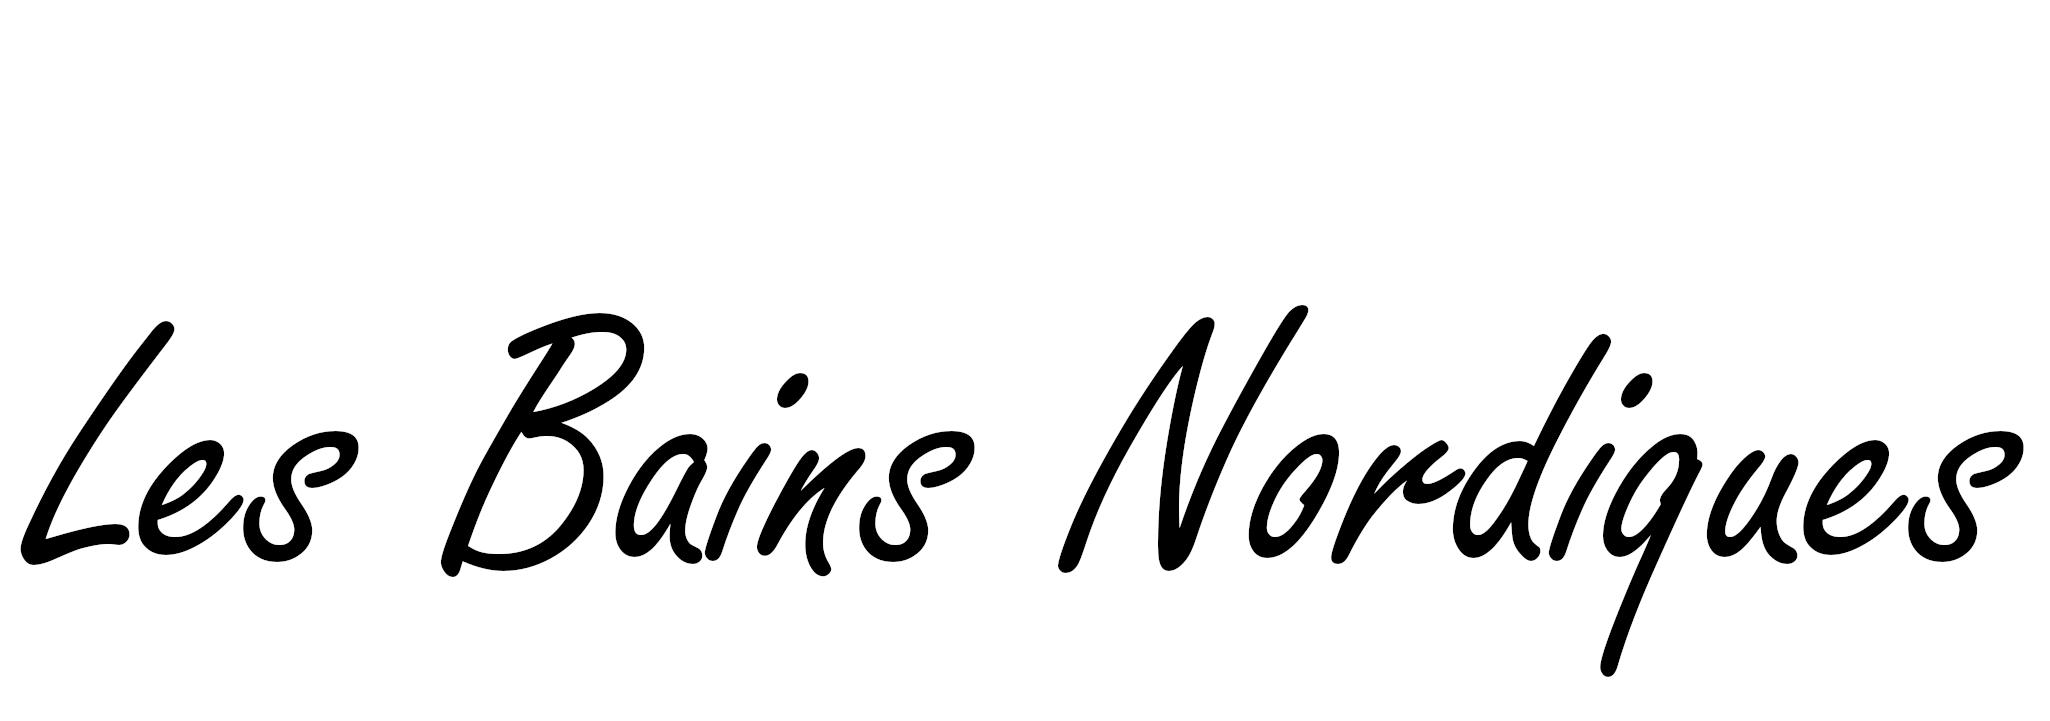 Logo LES BAINS NORDIQUES haute résolution